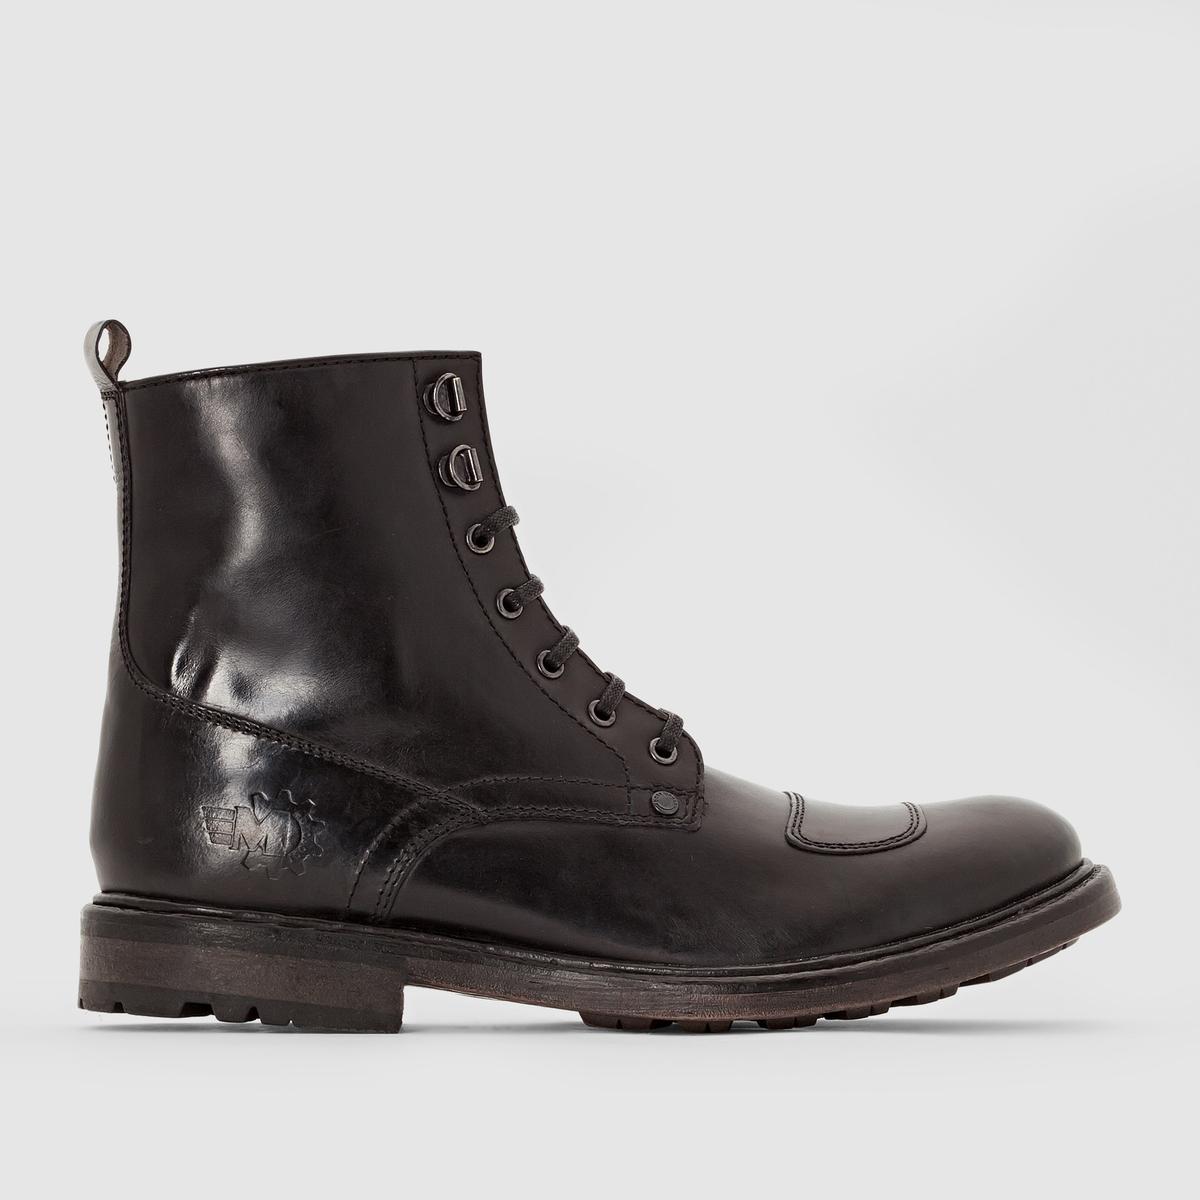 Ботильоны из кожи BASE LONDON MERCURYПреимущества : Ботильоны BASE LONDON в стиле высоких ботинок на шнуровке . Рифленая подошва, усиленный подъем в байкерском стиле придает бунтарский дух образу  .<br><br>Цвет: черный